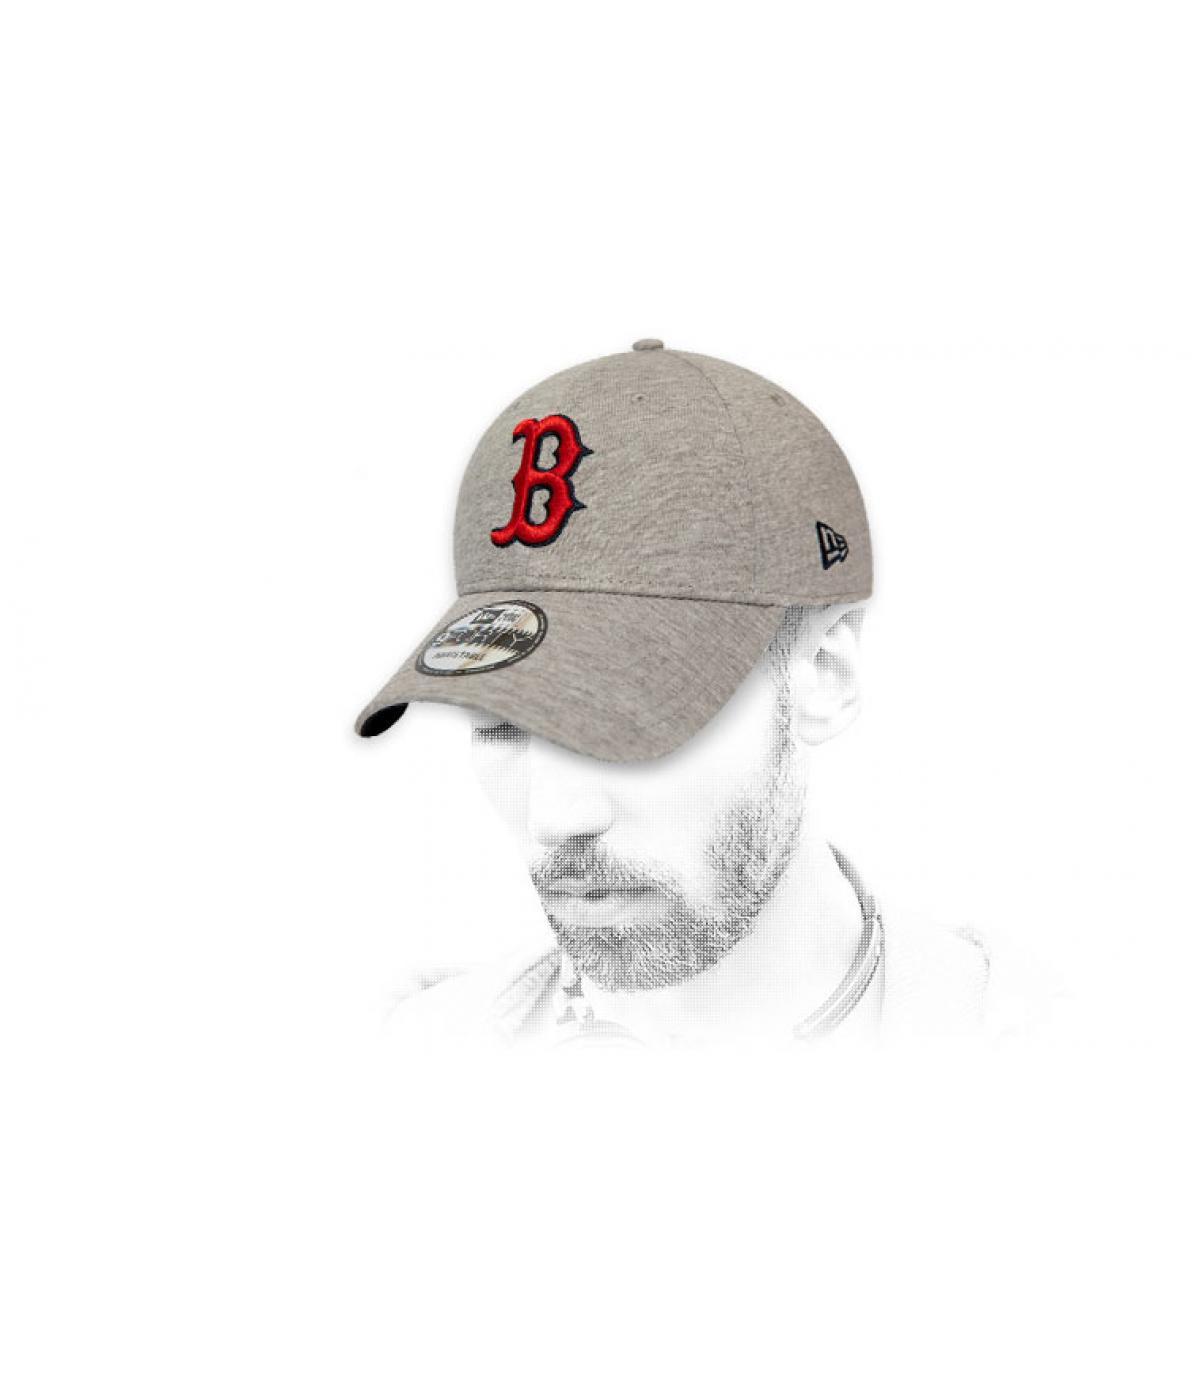 grey red B cap